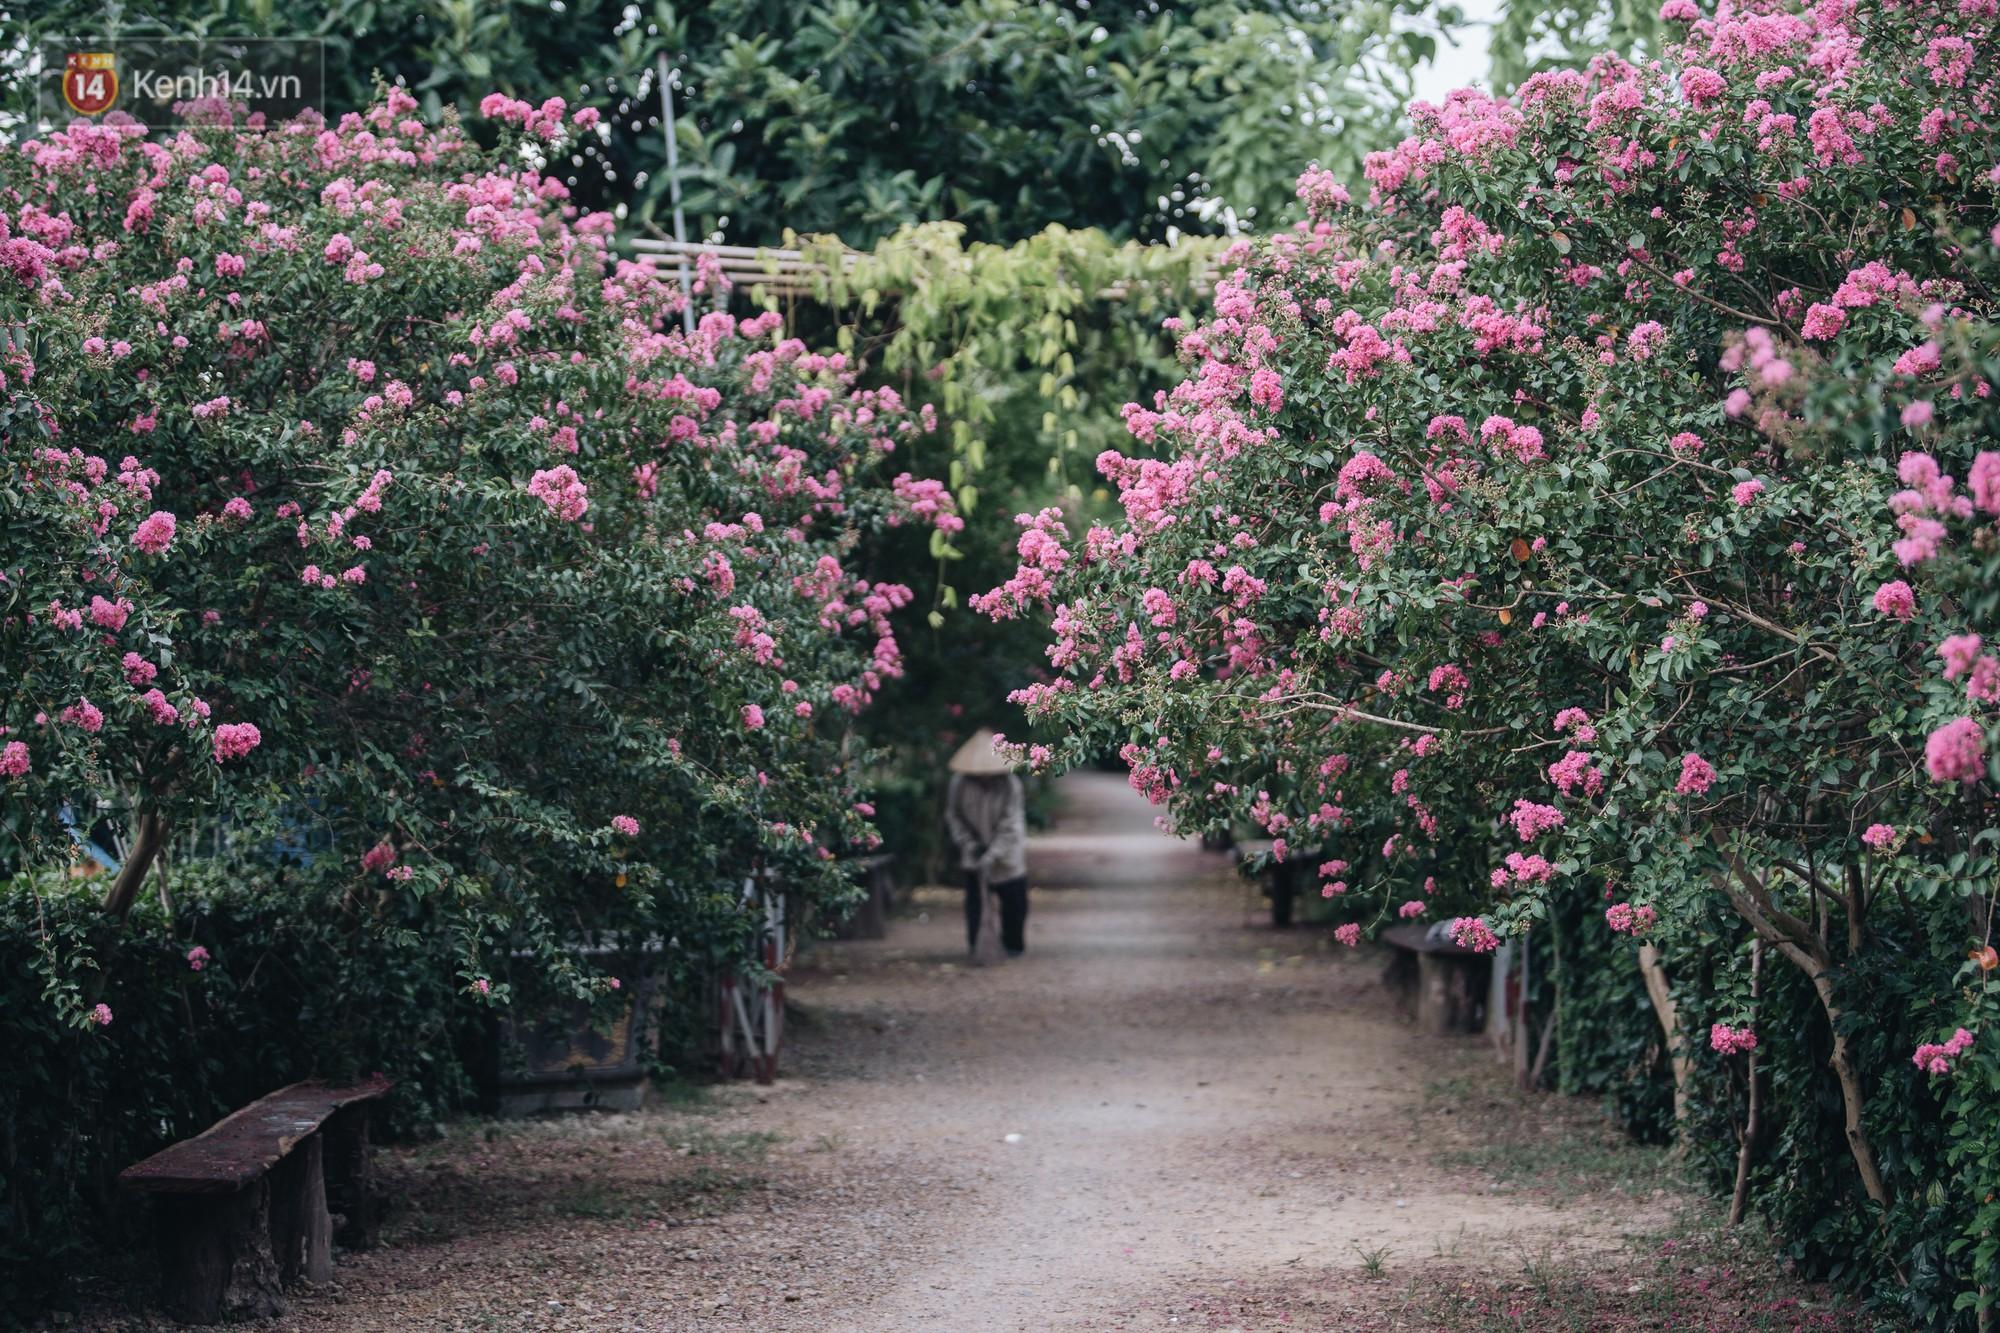 Chùm ảnh: Con đường ở Hà Nội được tạo nên bởi 100 gốc hoa tường vi đẹp như khu vườn cổ tích - Ảnh 2.